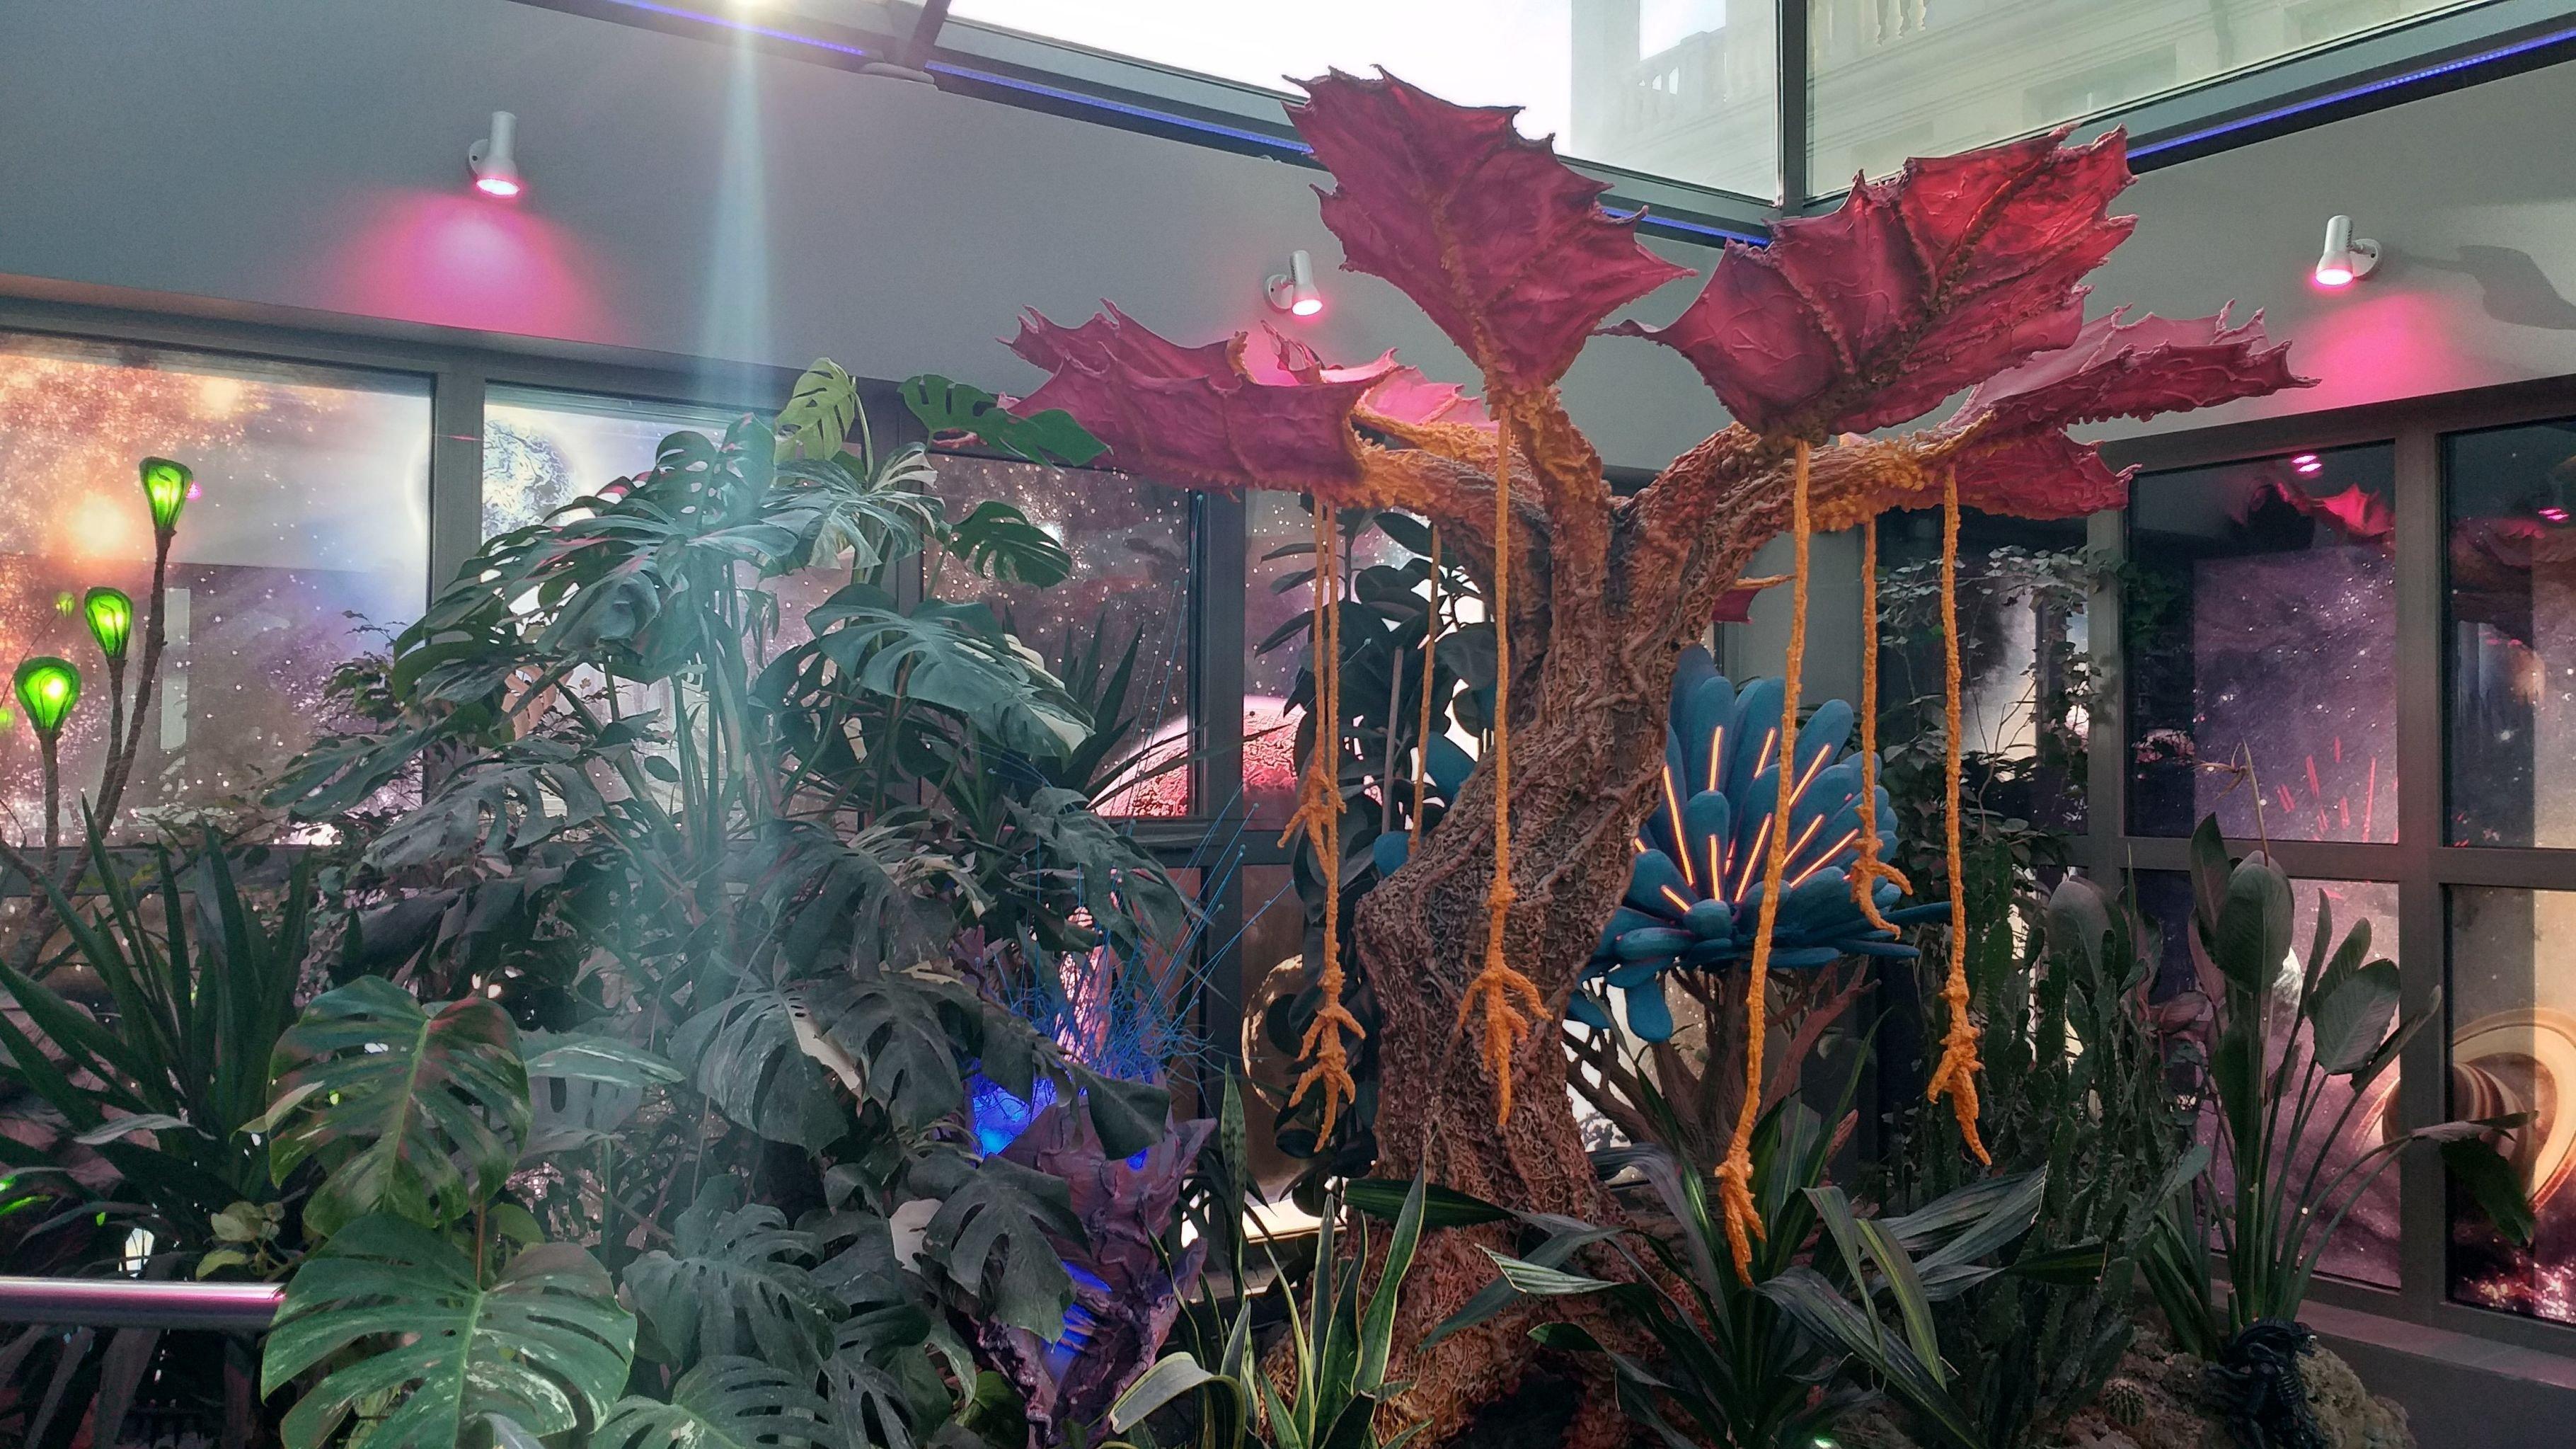 El jardín espacial con las plantas carnívoras.